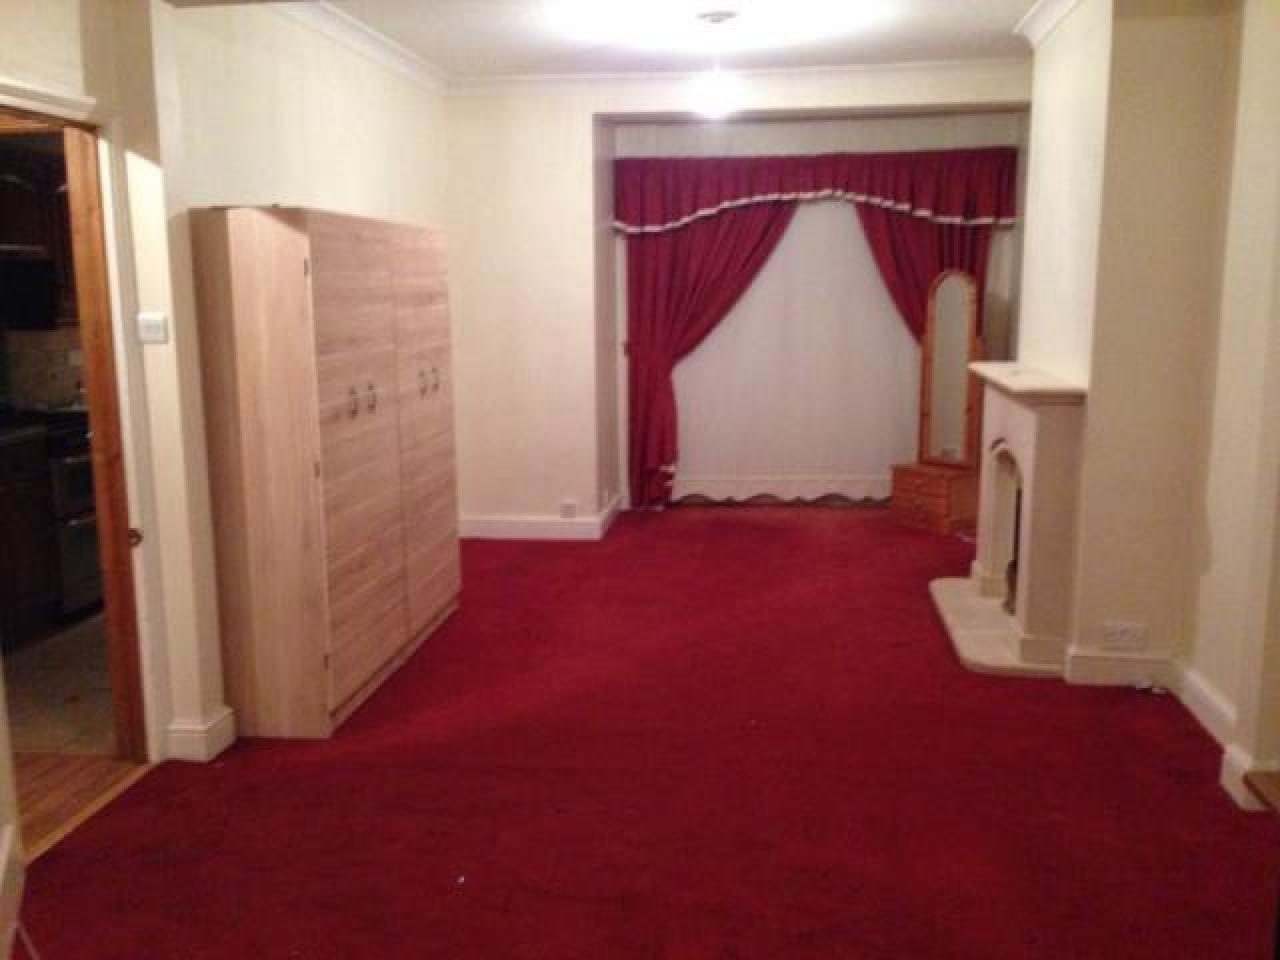 Сдаём большой, красивый 4-комнатный дом, район Rainham - 3